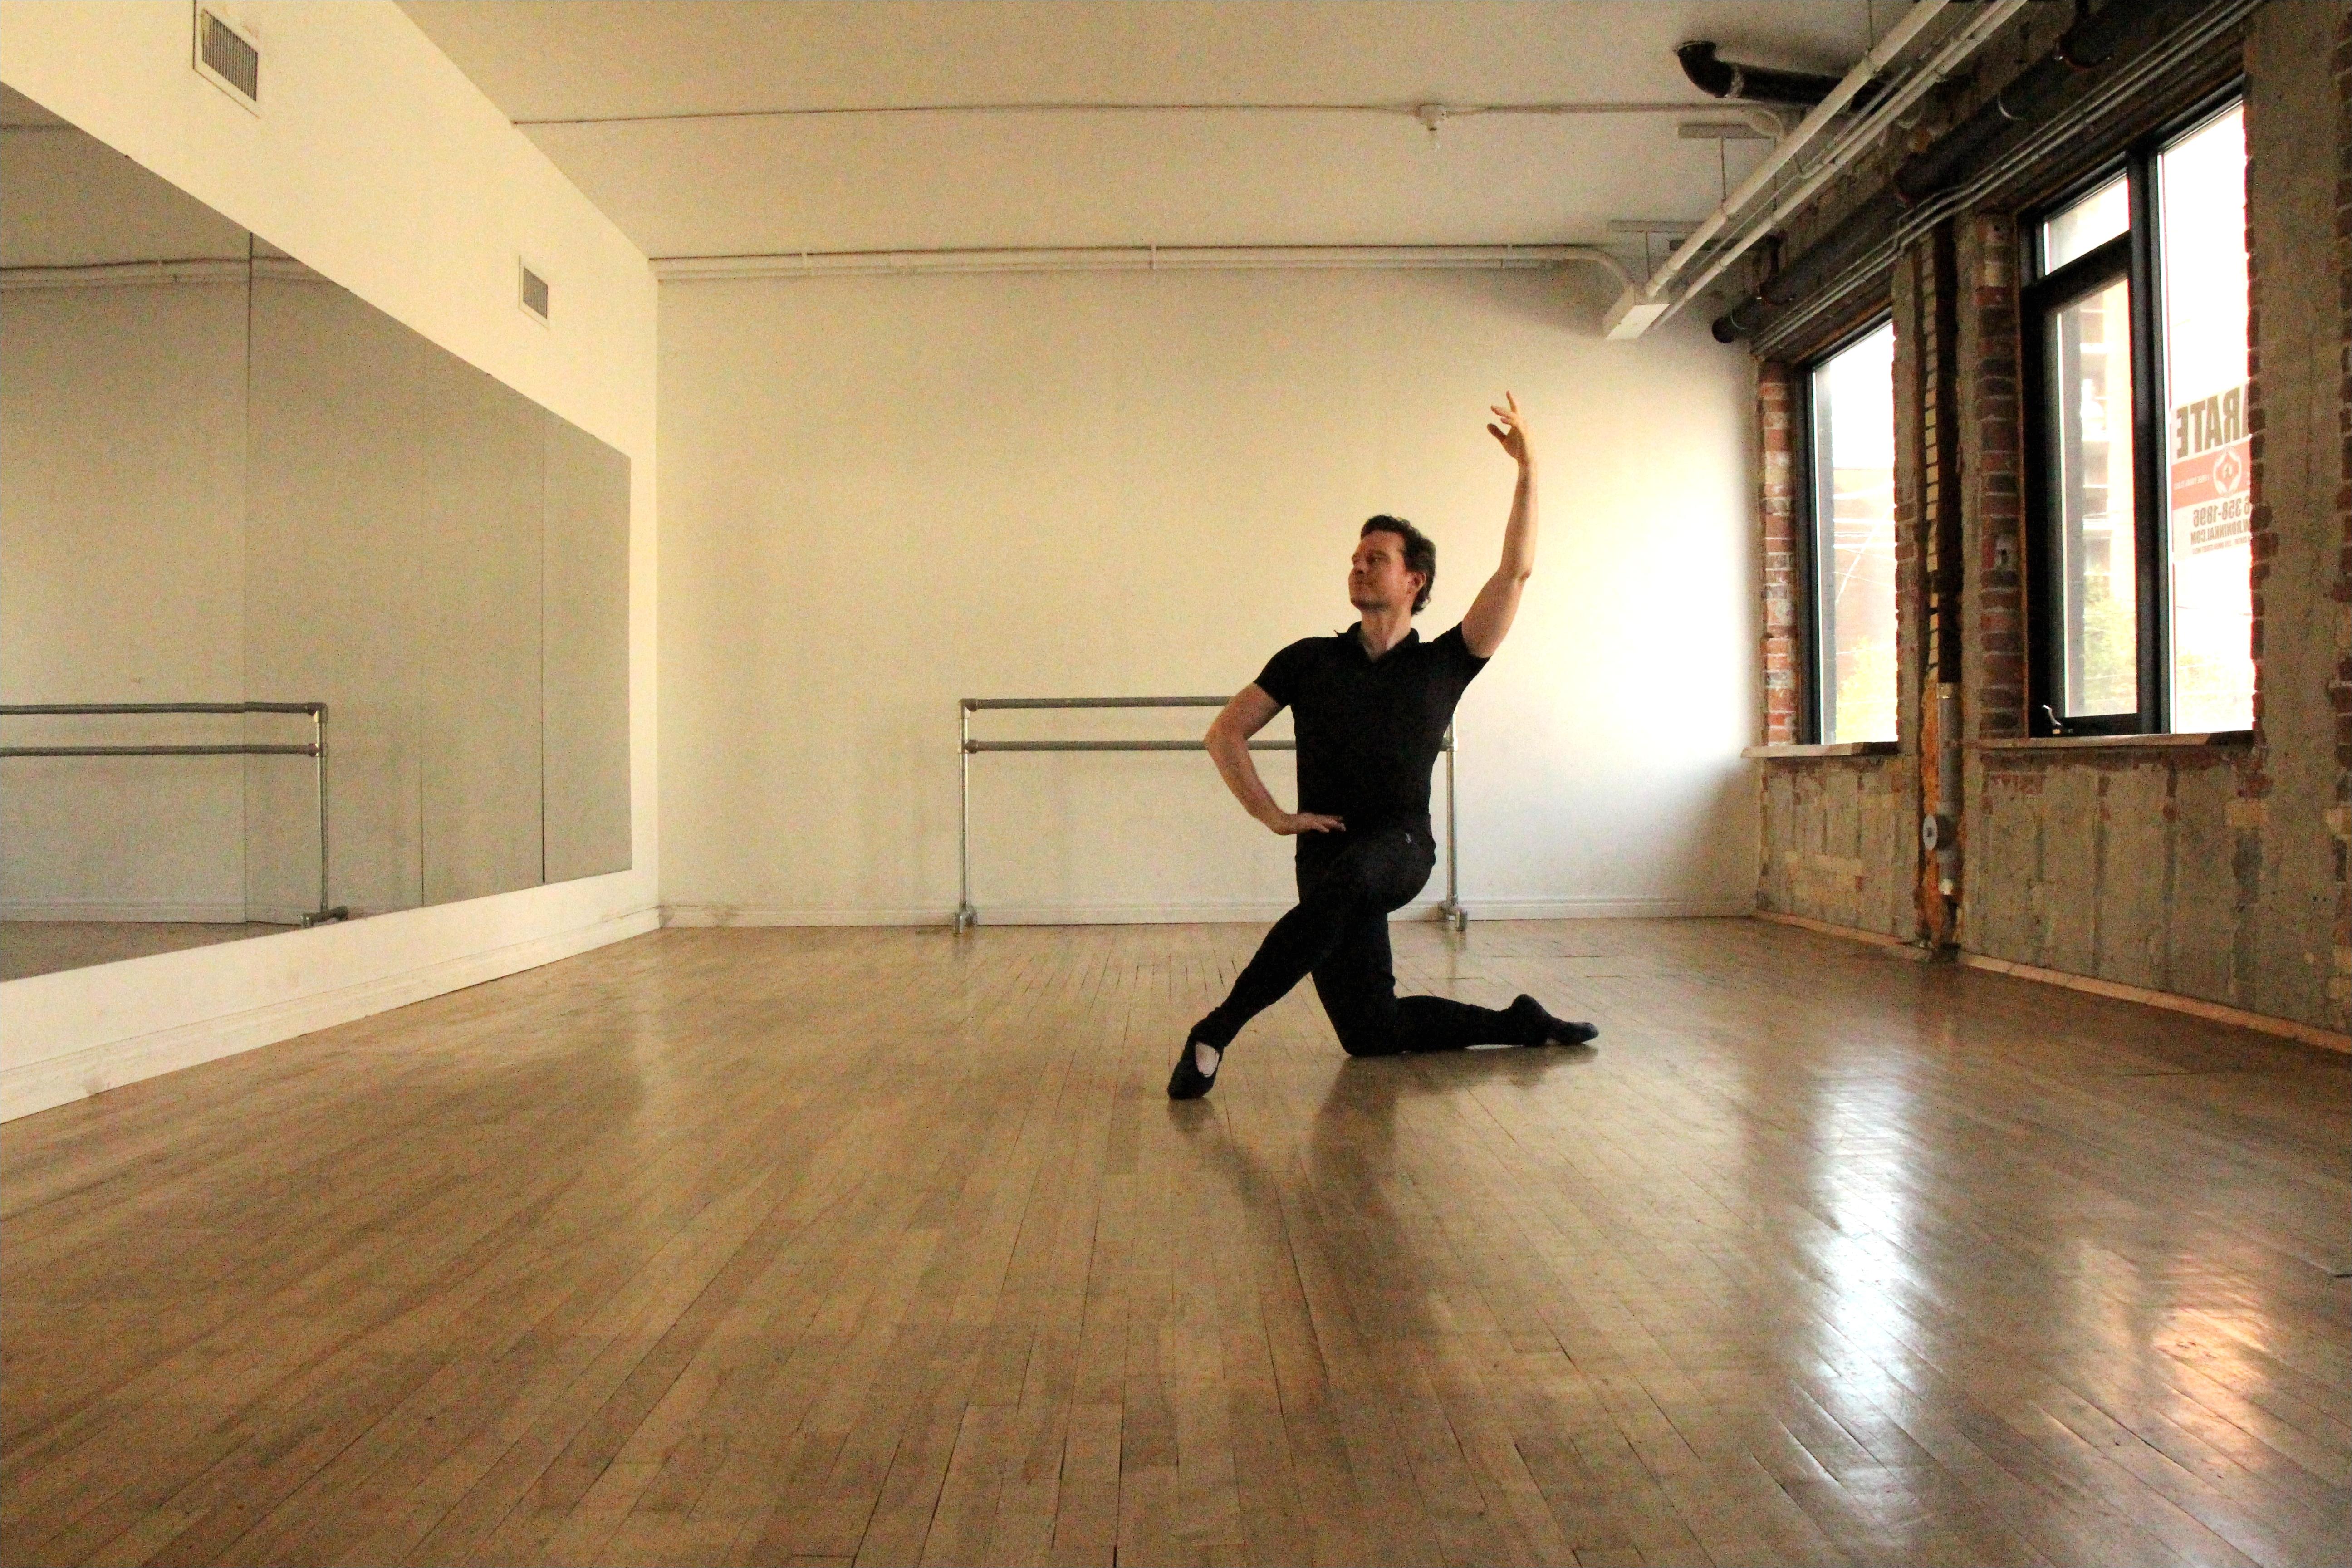 Rosco Adagio Dance Floor Dance Teq Centre